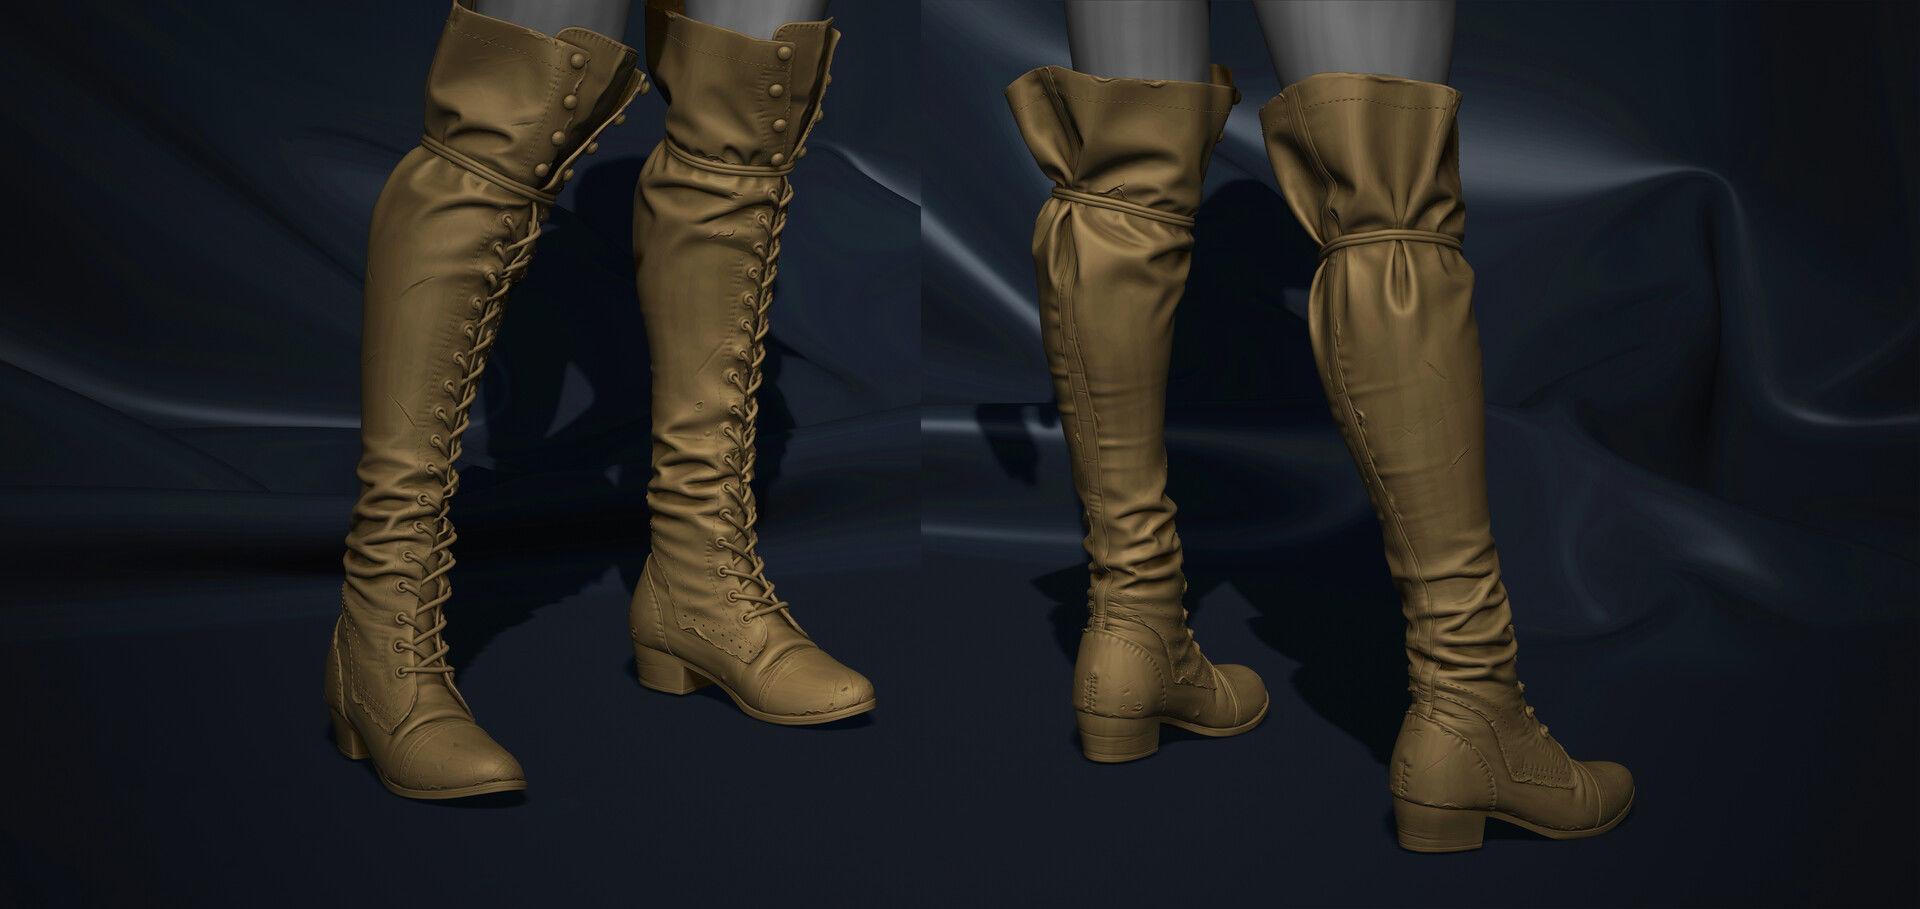 Super detailed vintage boots